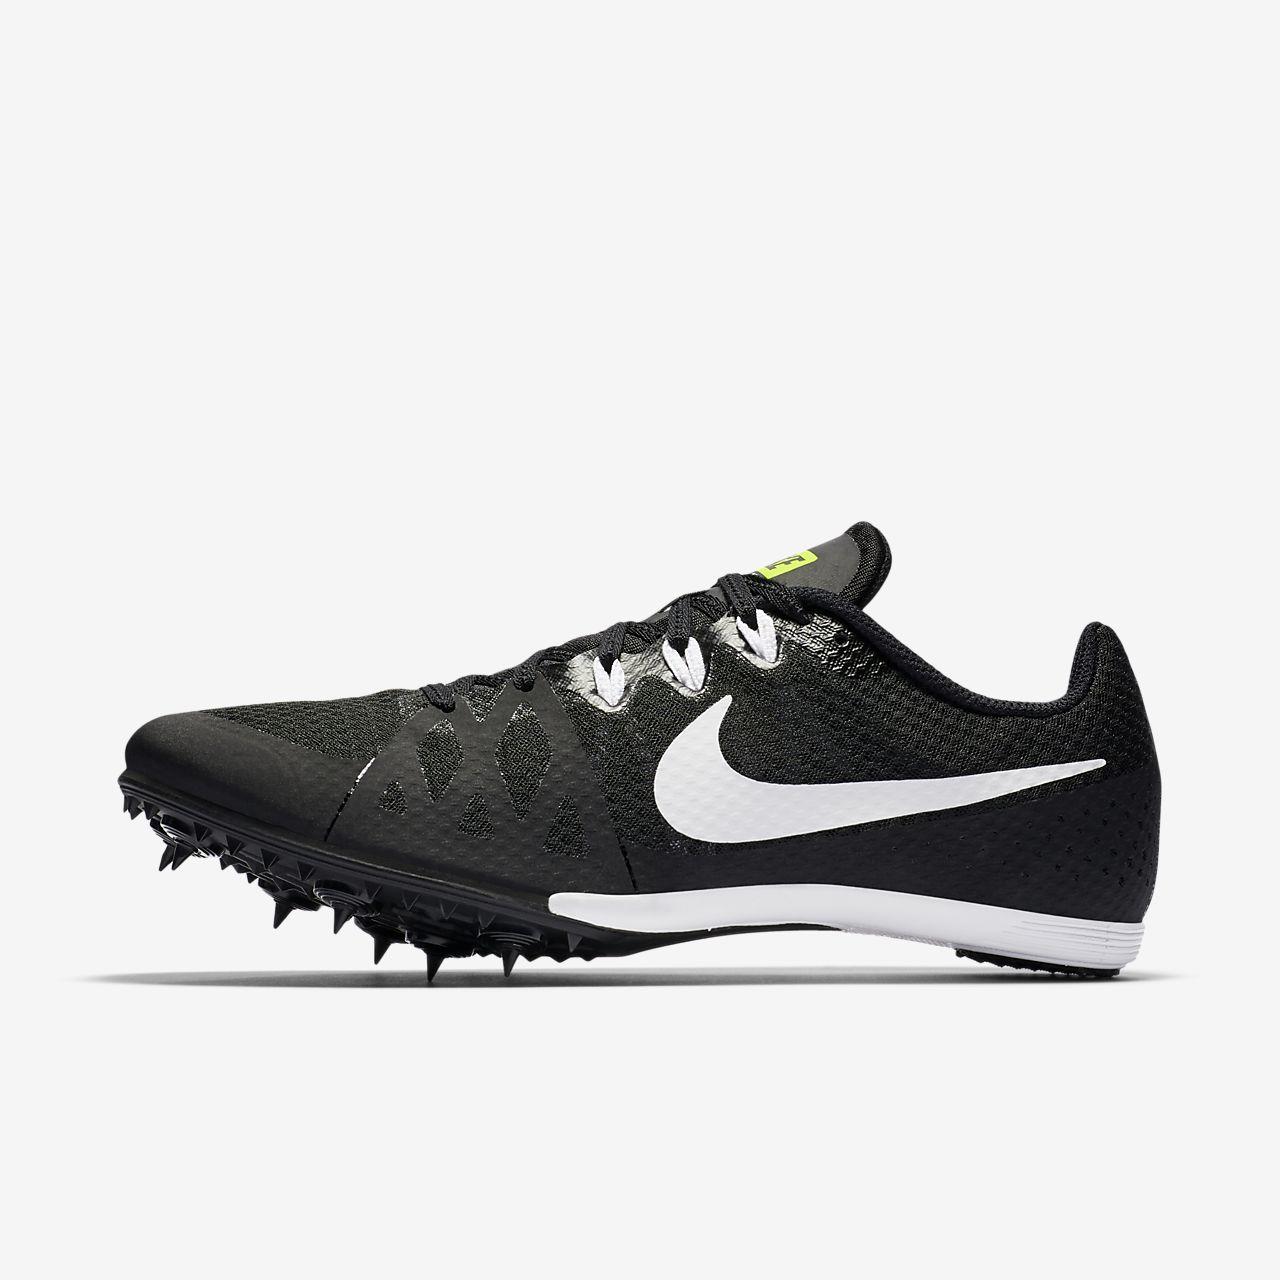 52305563 ... Шиповки унисекс для бега на средние дистанции Nike Zoom Rival M 8